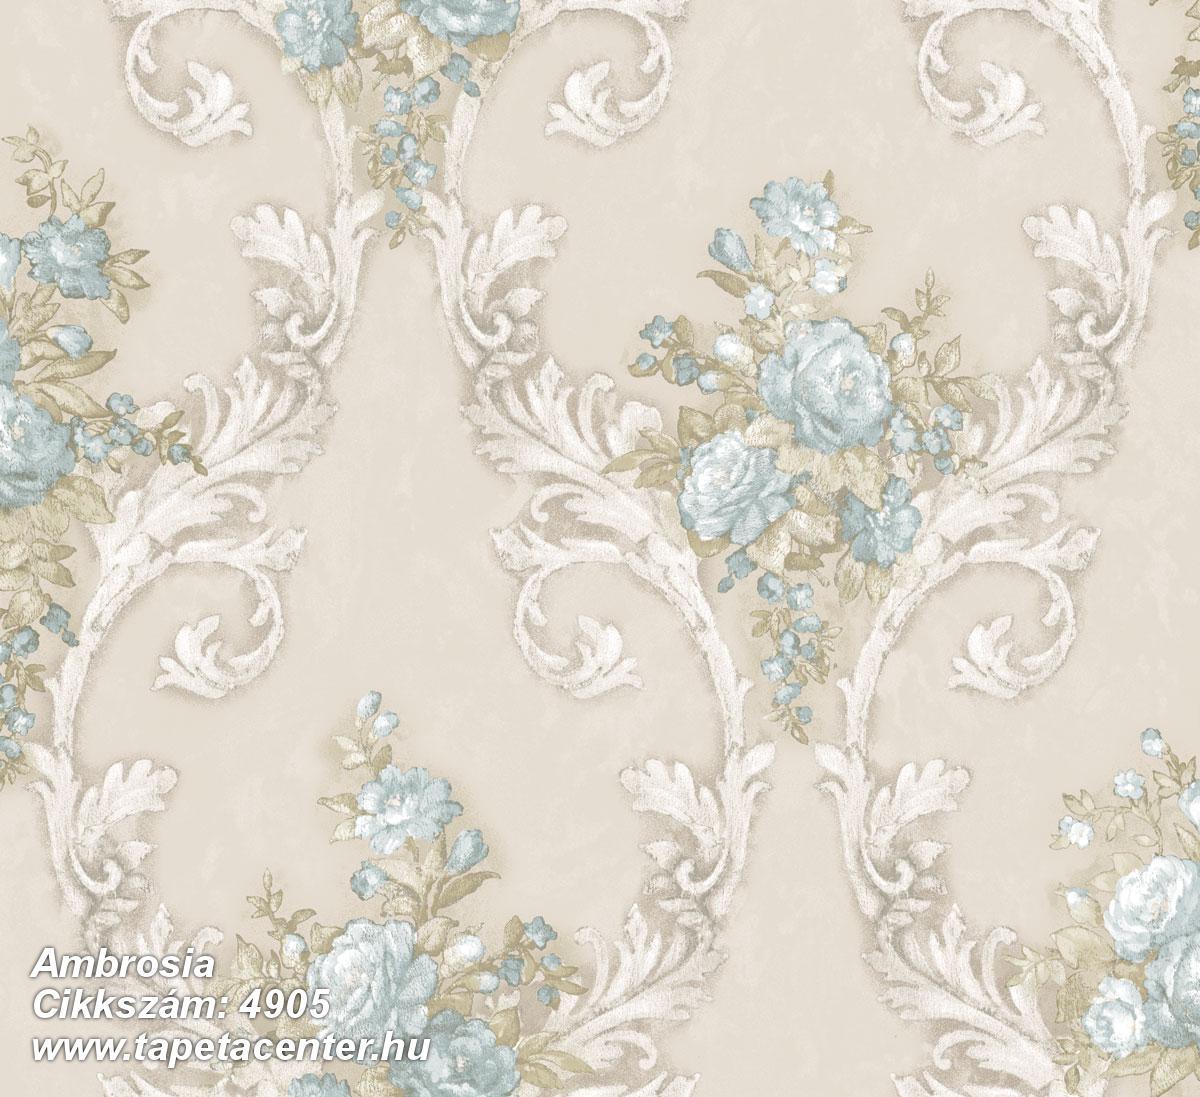 Barokk-klasszikus,természeti mintás,textil hatású,virágmintás,bézs-drapp,fehér,kék,szürke,vajszín,súrolható,vlies tapéta